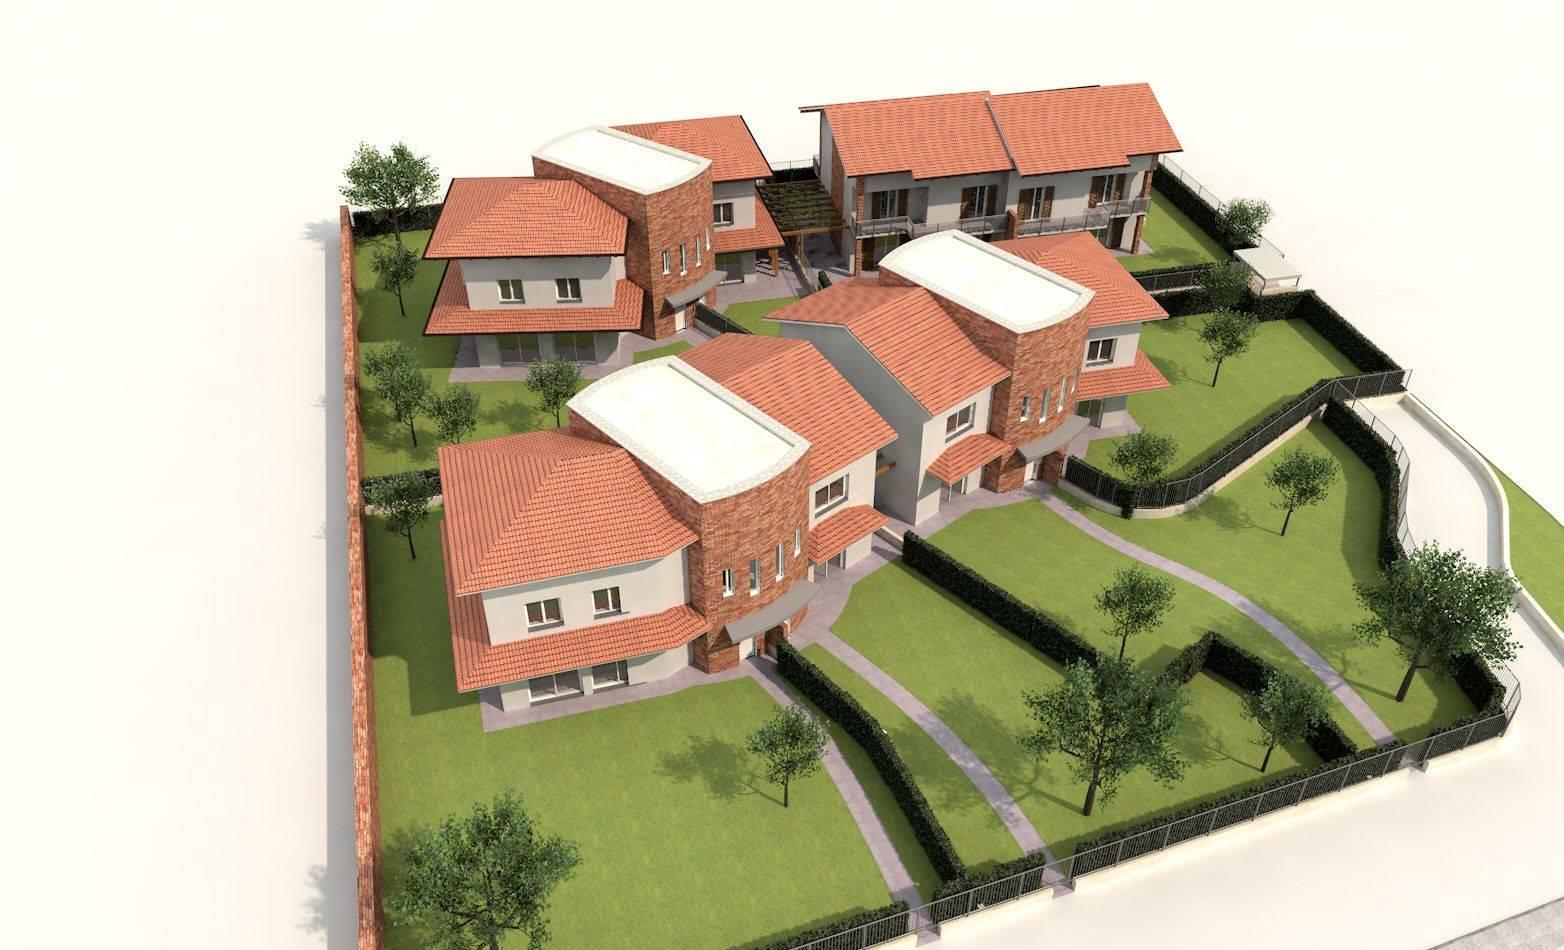 Foto 16 - Villa in Vendita - Aicurzio (Monza e Brianza)